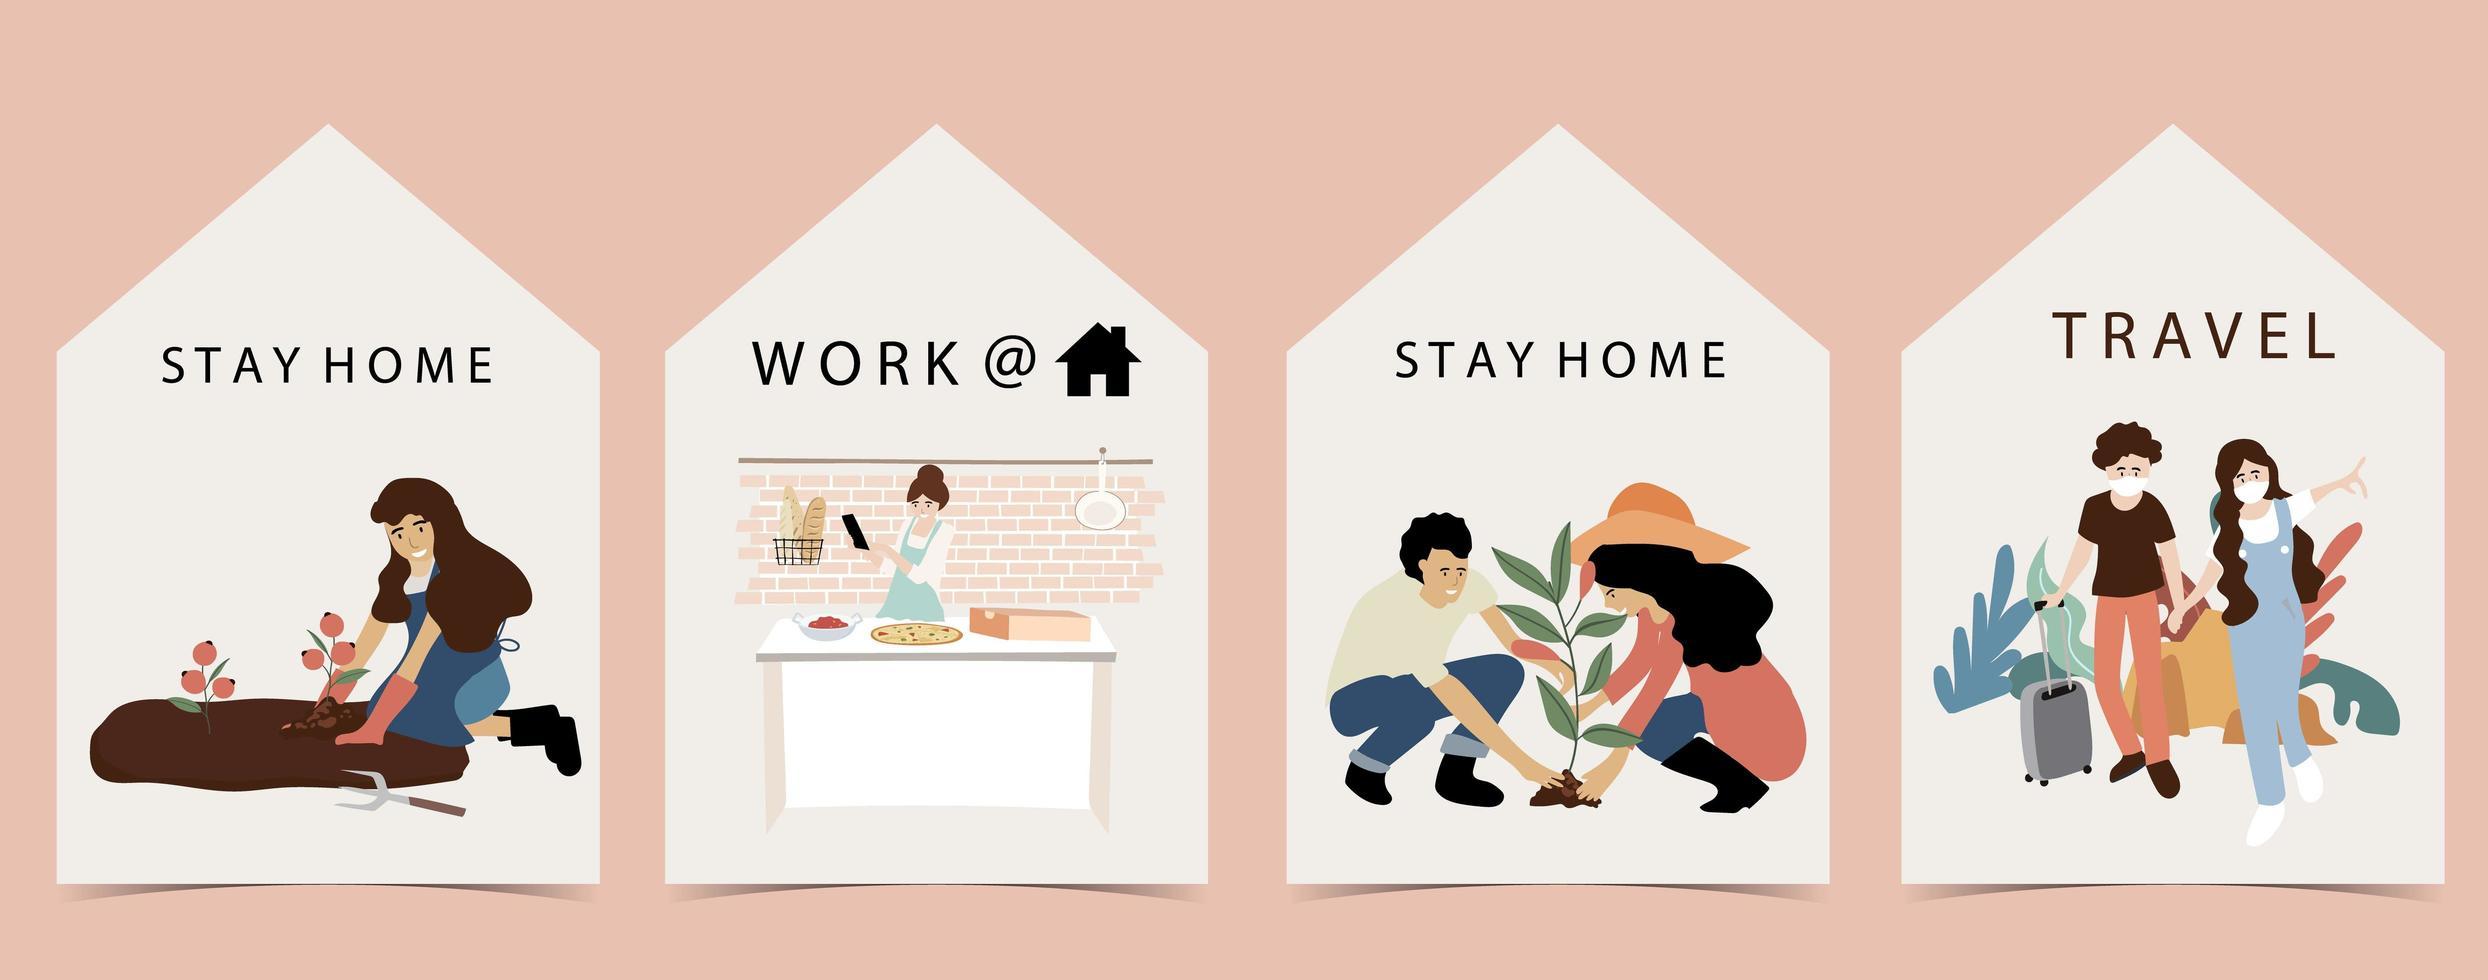 Menschen bleiben und arbeiten zu Hause Design. vektor